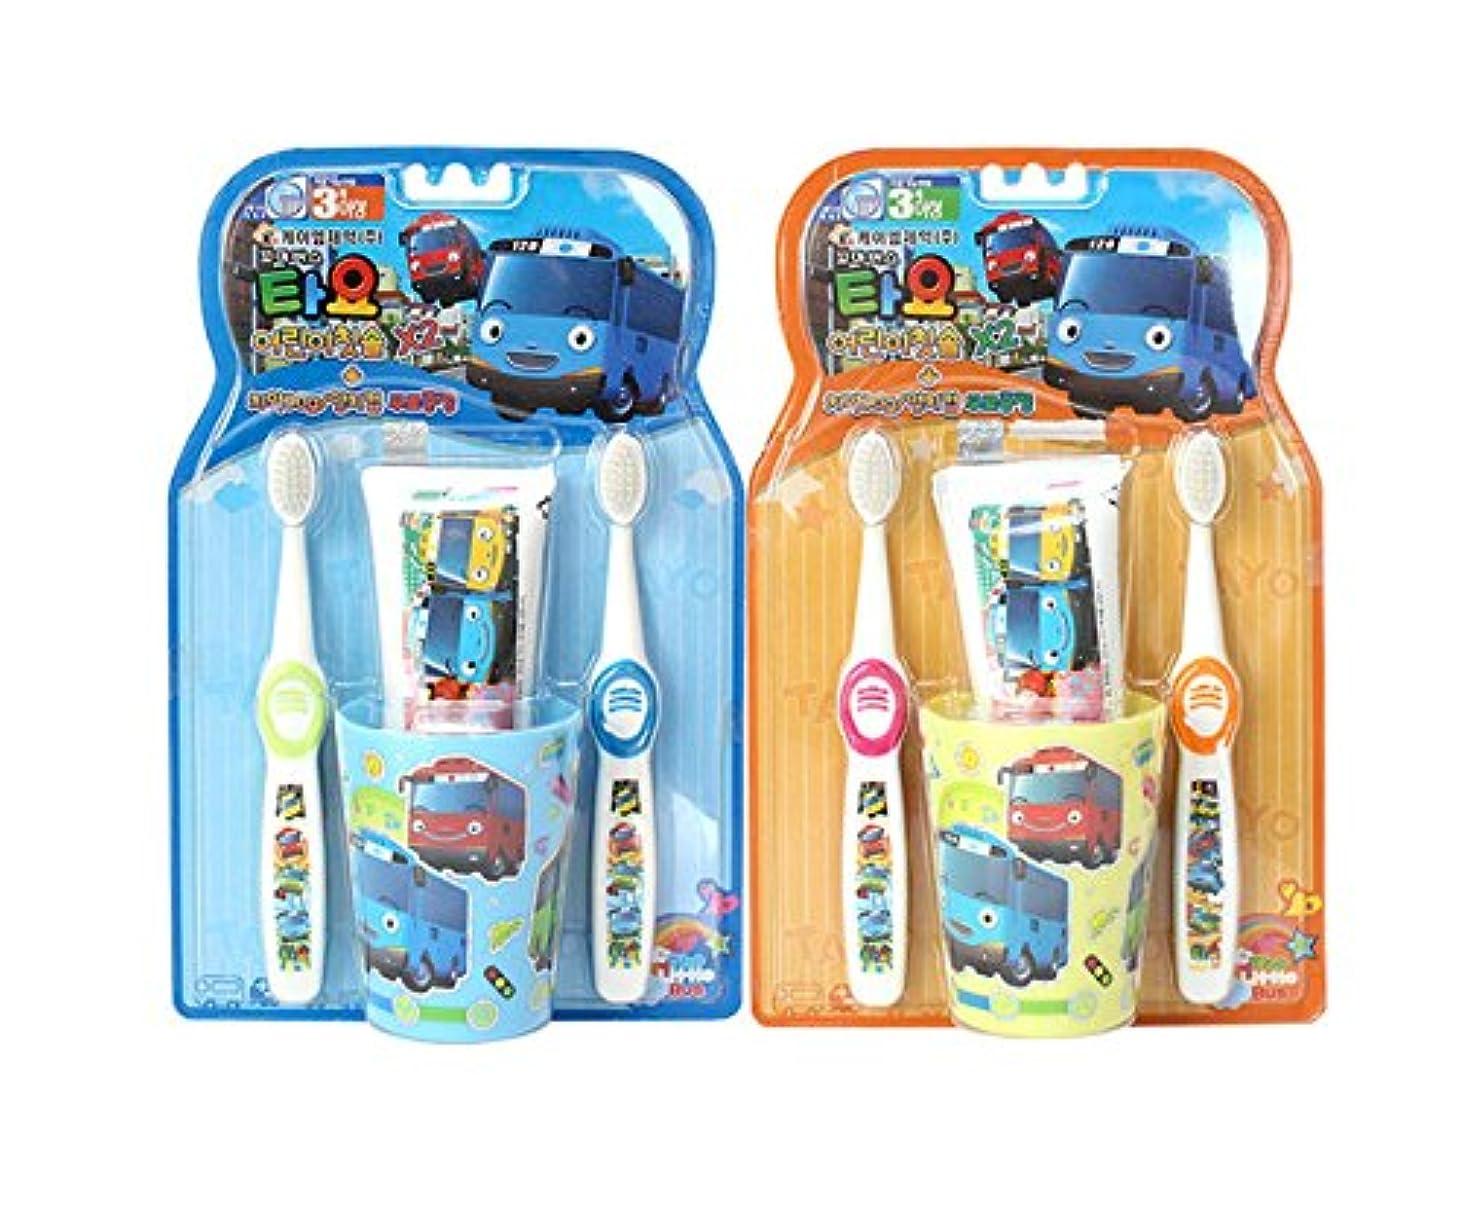 宣言フォーカス文房具[SET] Tayo The Little Bus ちびっこバス タヨ 子ども用ハブラシ 乳歯?オーラルケア 歯磨き粉 歯ブラシ 歯カップ セット 歯磨きセット子供の歯ブラシ (2 SET) [並行輸入品]